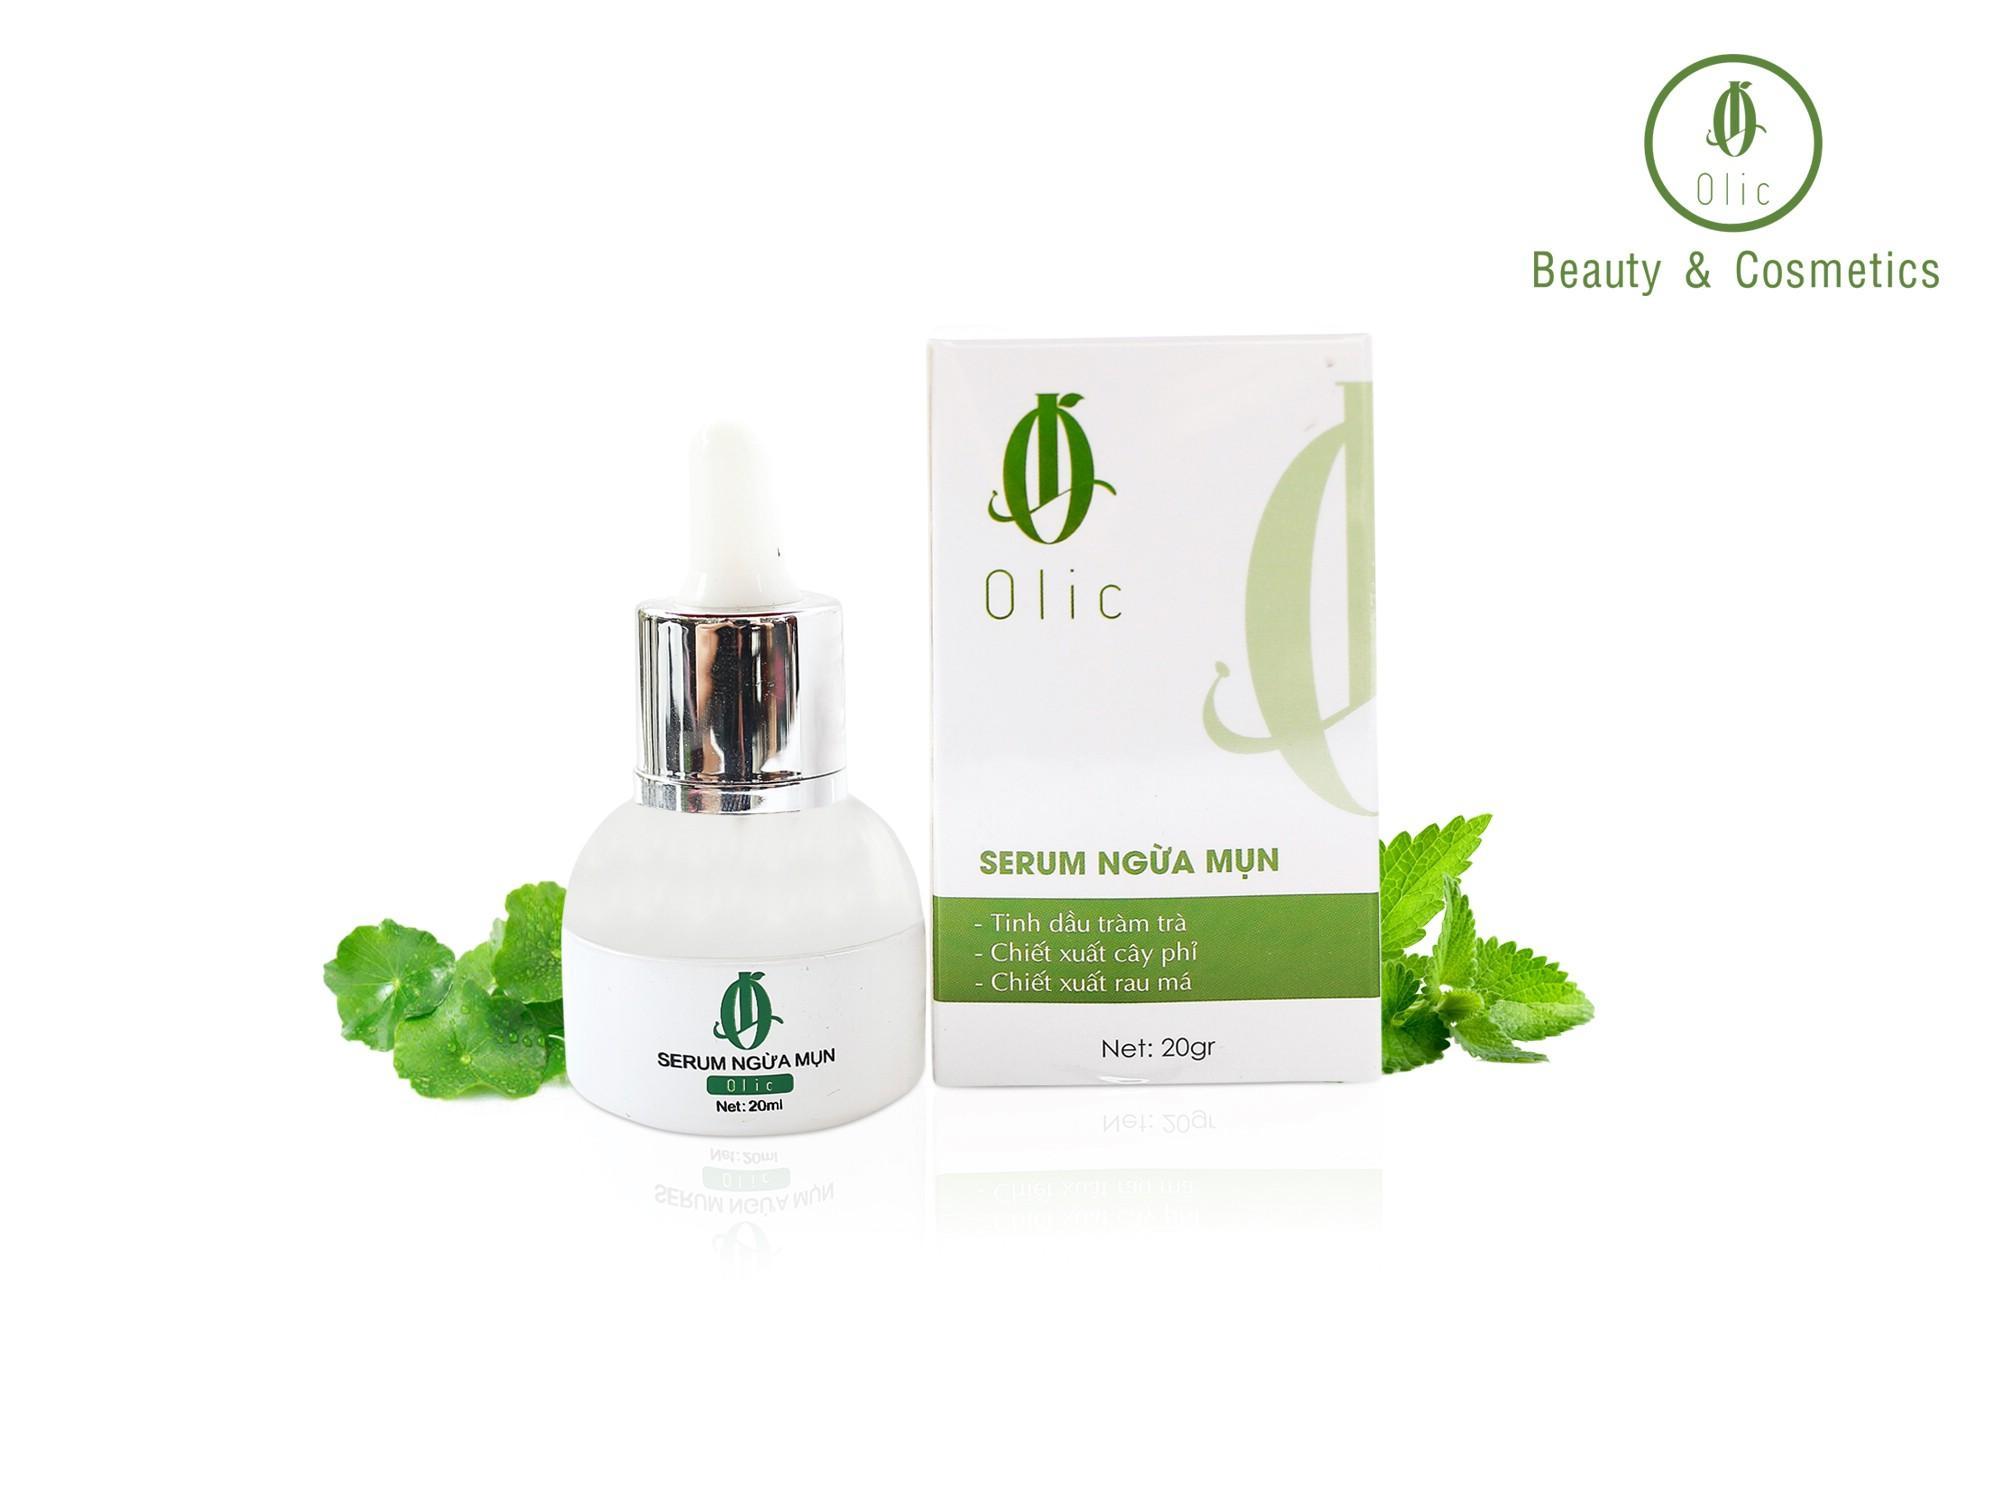 Tinh chất ngừa mụn hiệu quả Olic -Không gây kích ứng da -100% từ tự nhiên tốt nhất